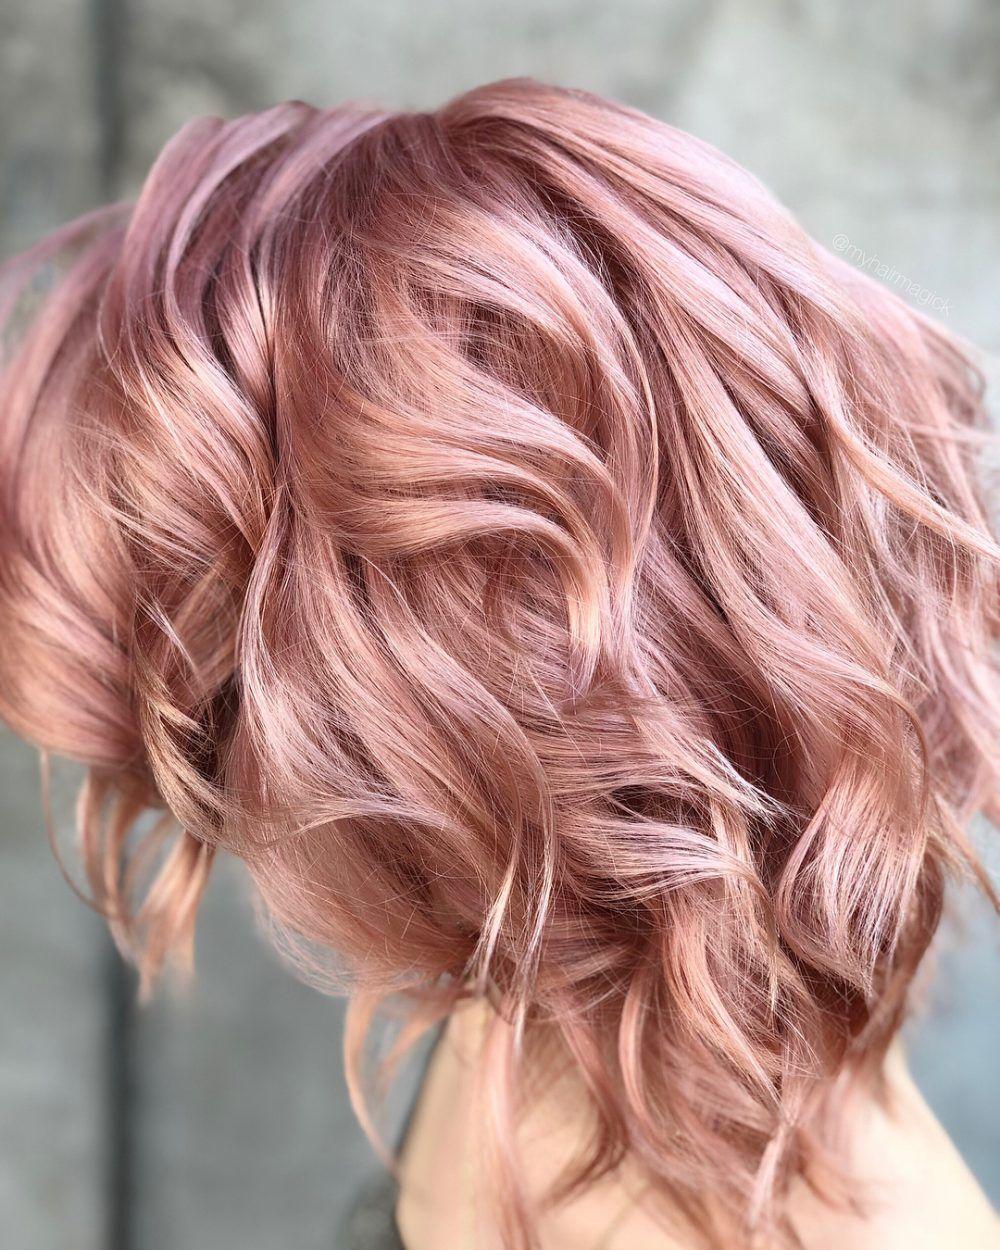 71 Rose Gold Hair Ideen, die Ihr Leben verändern werden | Pinterest ...